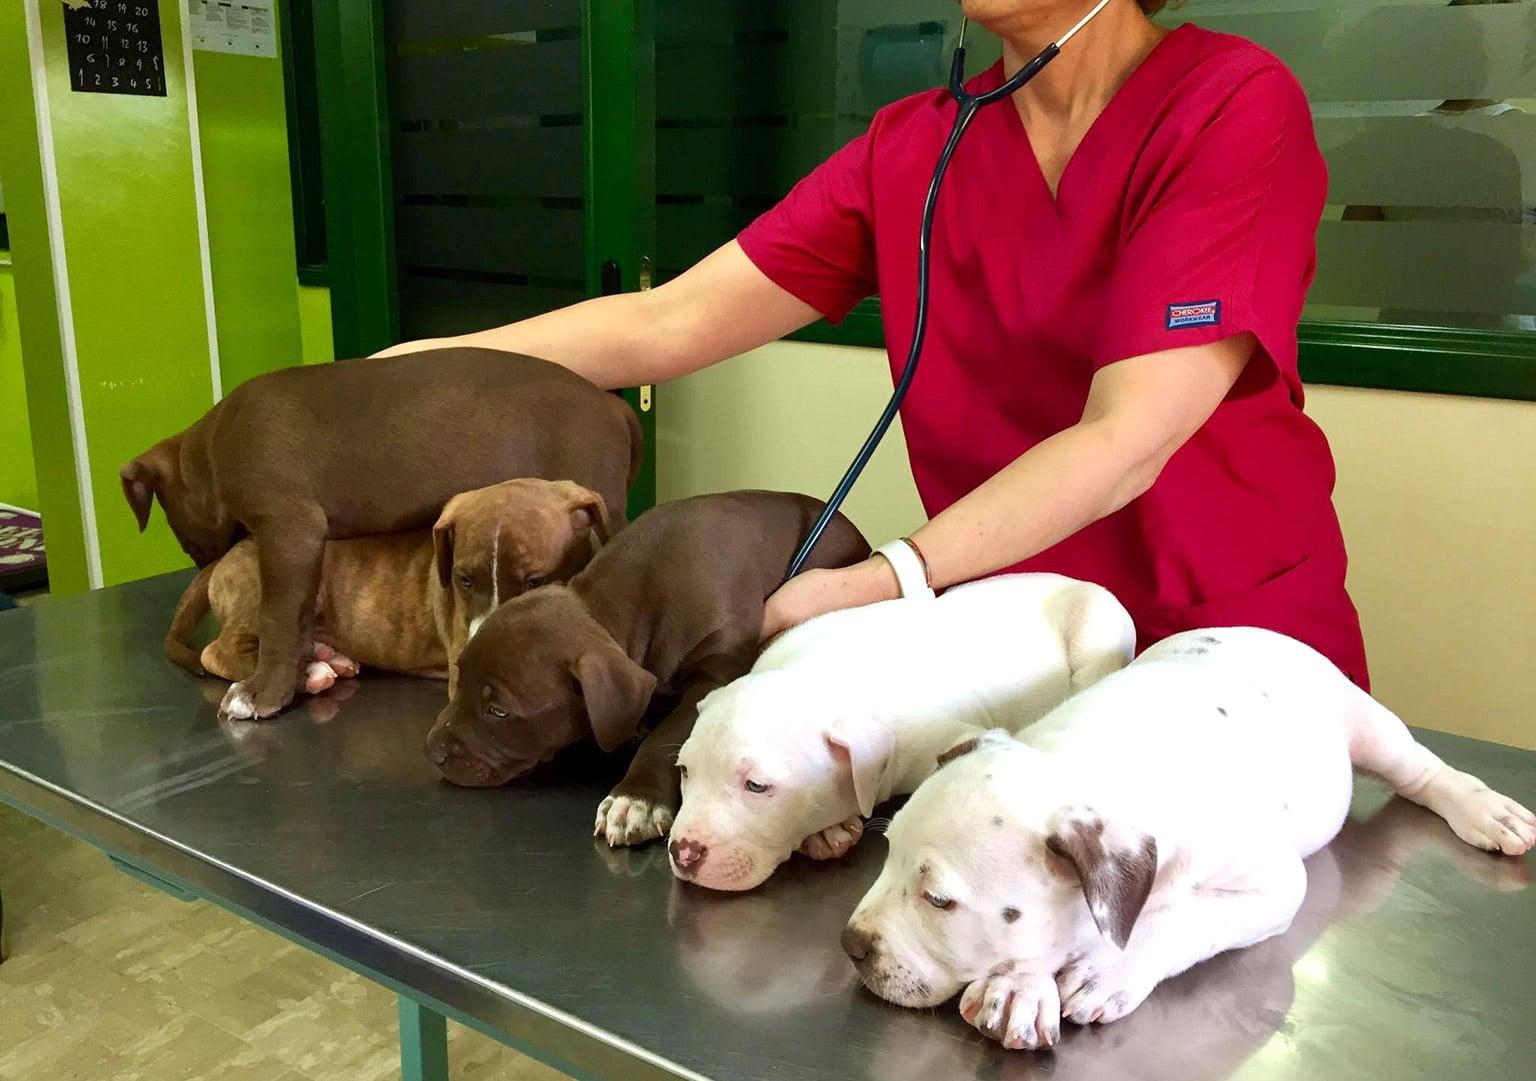 Cuccioli Pitbull durante visita dal veterinario, 5 cuccioli sul tavolo e dottoressa che ascolta il cuore con stetoscopio